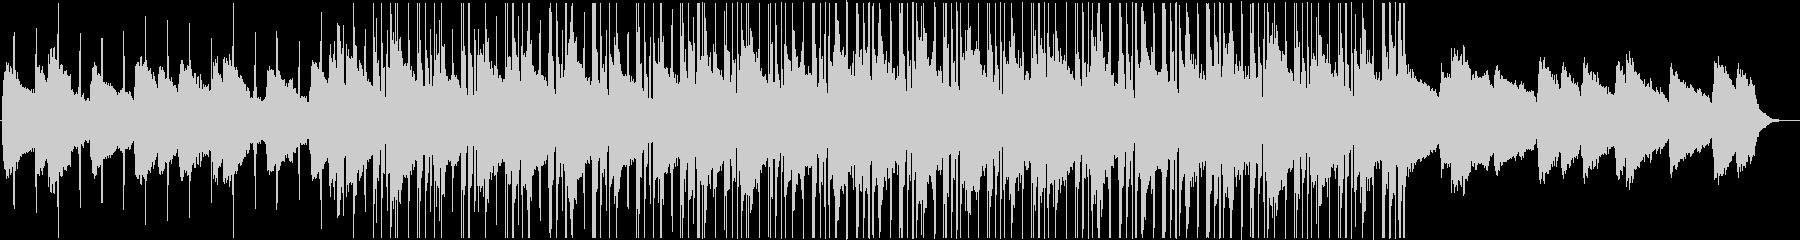 おしゃれなチル風ヒップホップBGMの未再生の波形